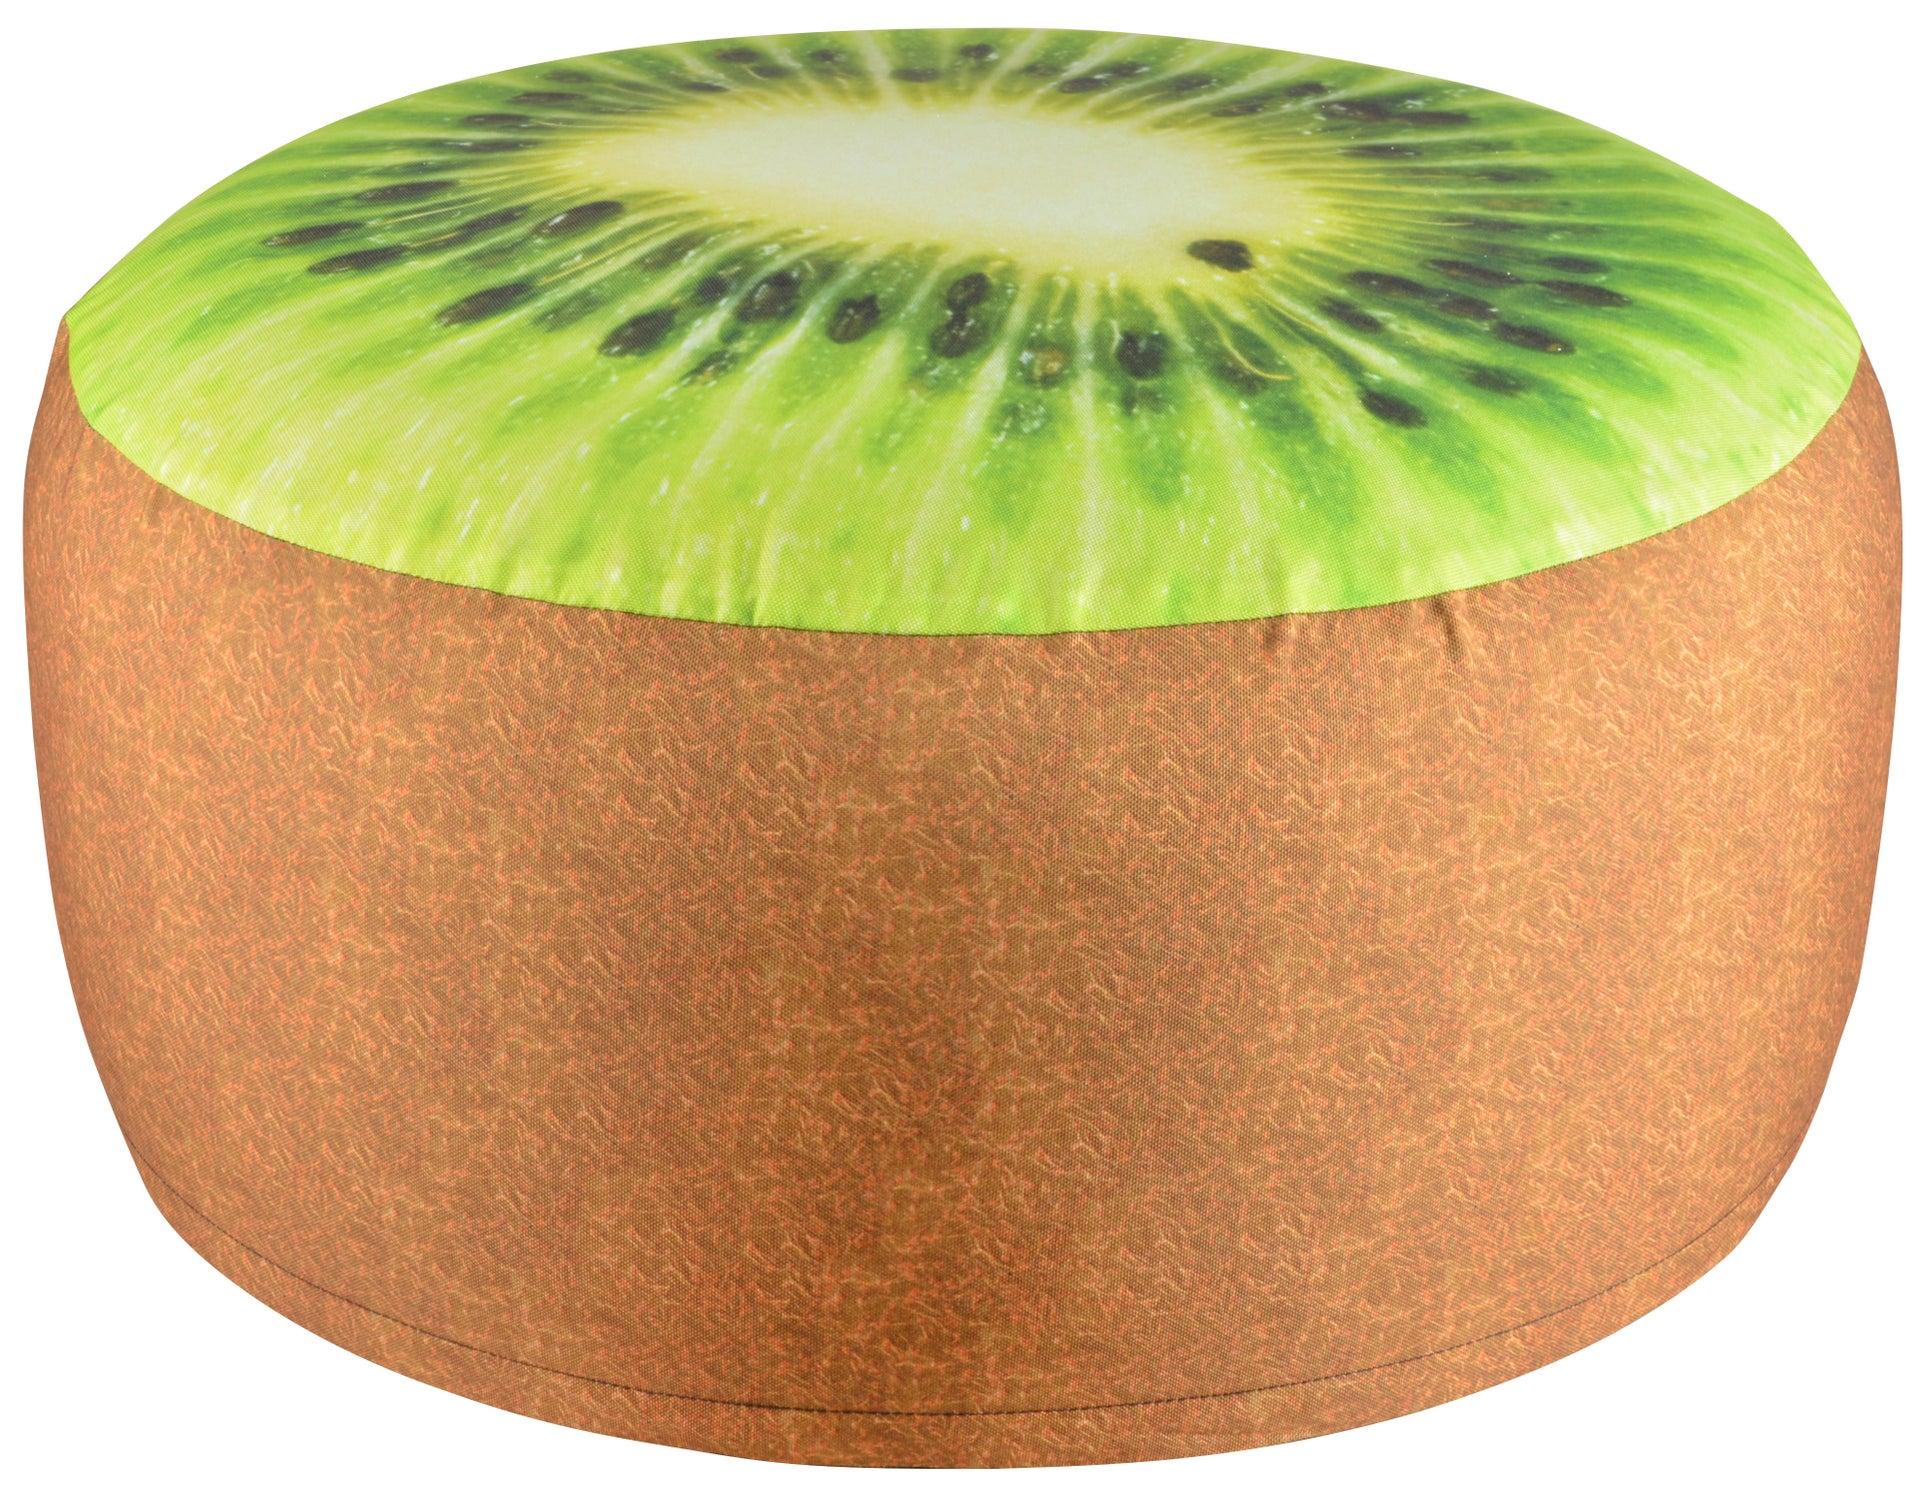 Pouf gonflable impression kiwi imperméable Bk012, D58cm